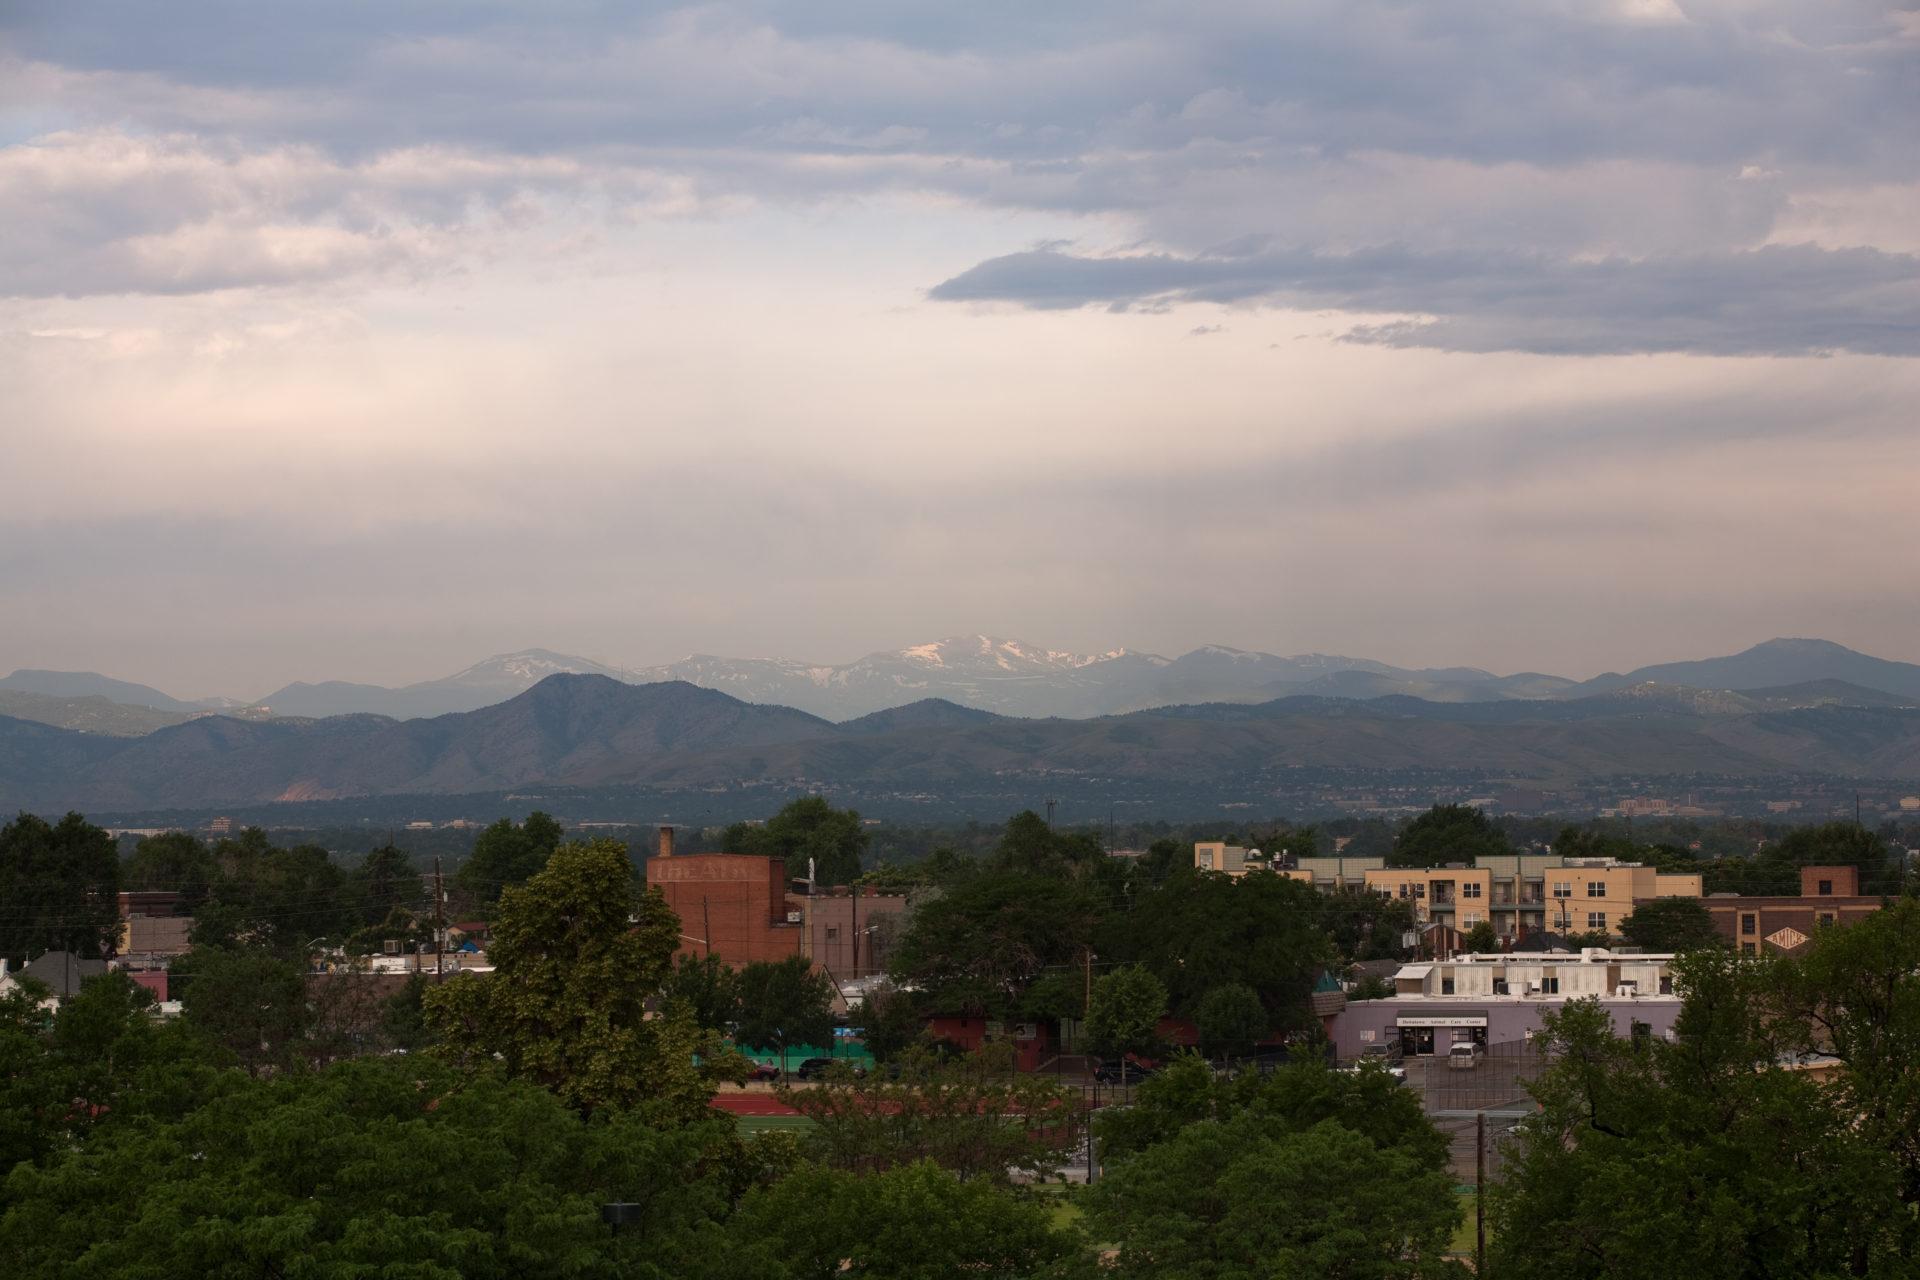 Mount Evans - June 30, 2011